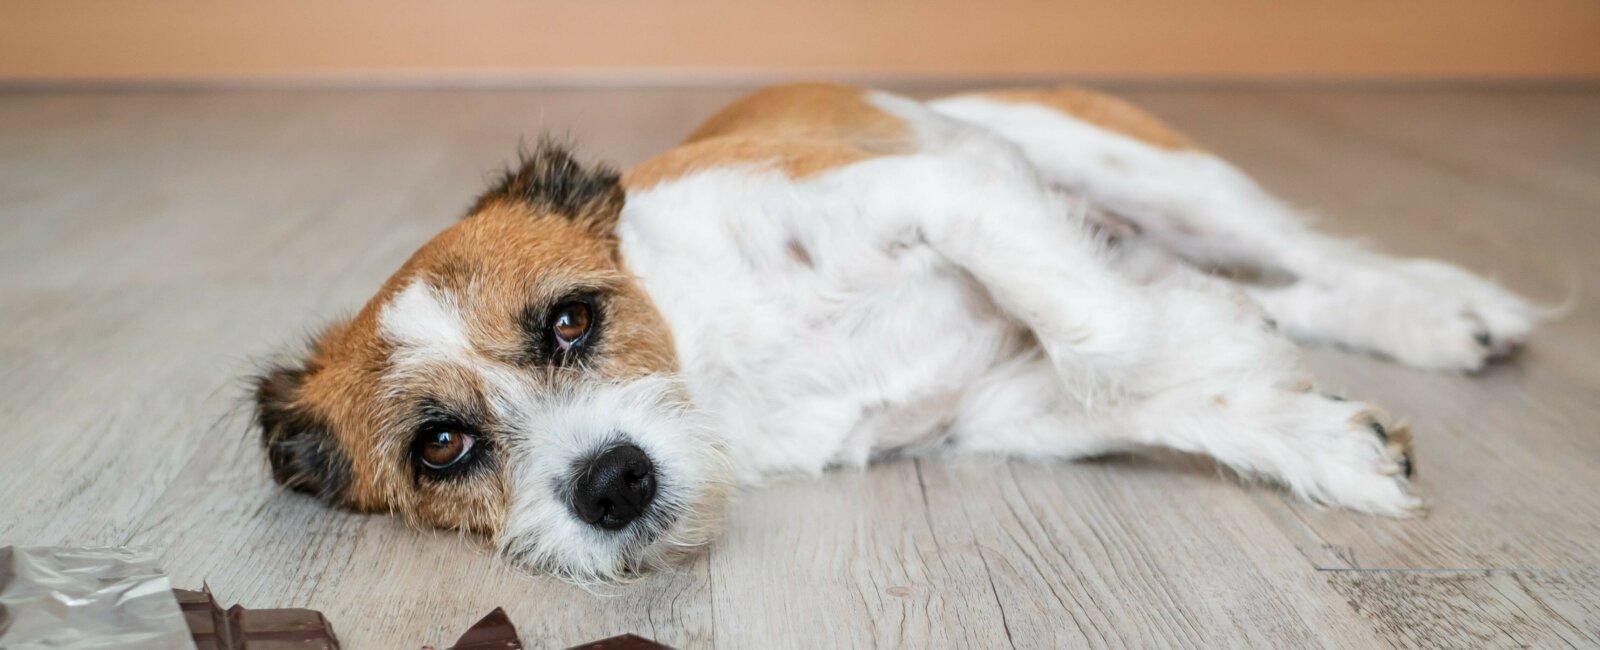 Vétérinaire de garde dimanche